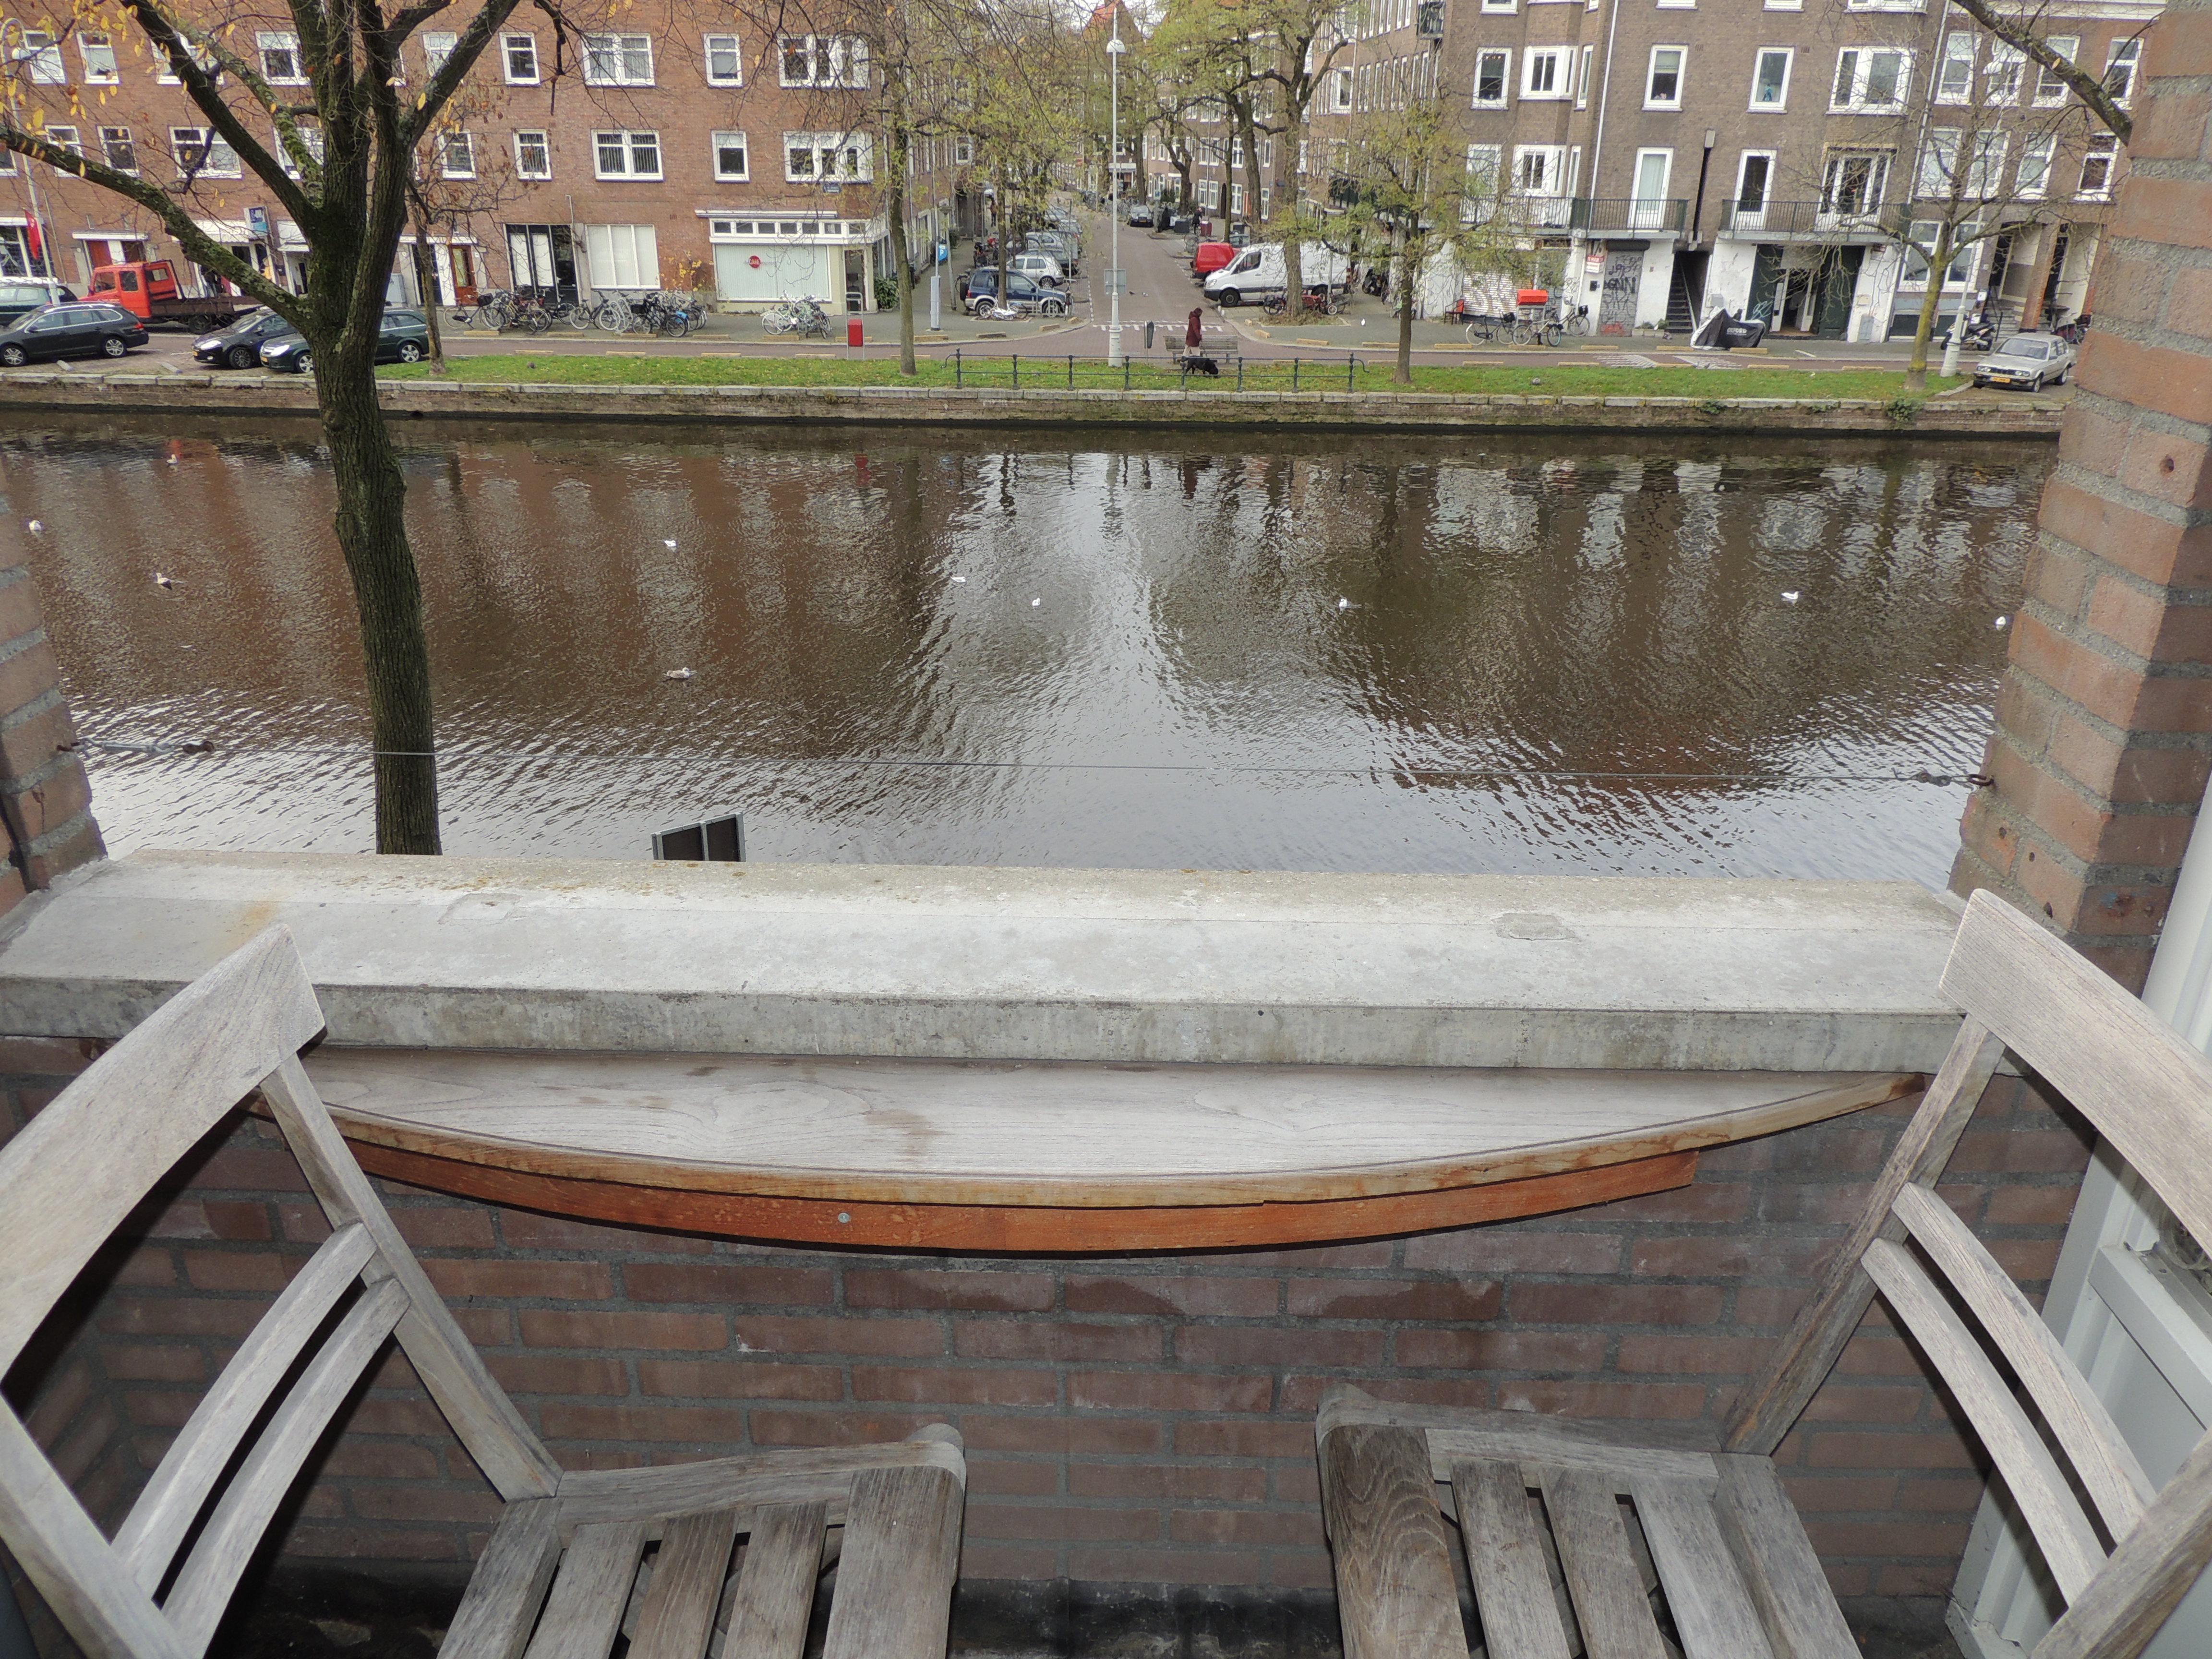 Derde Kostverlorenkade 5, Amsterdam